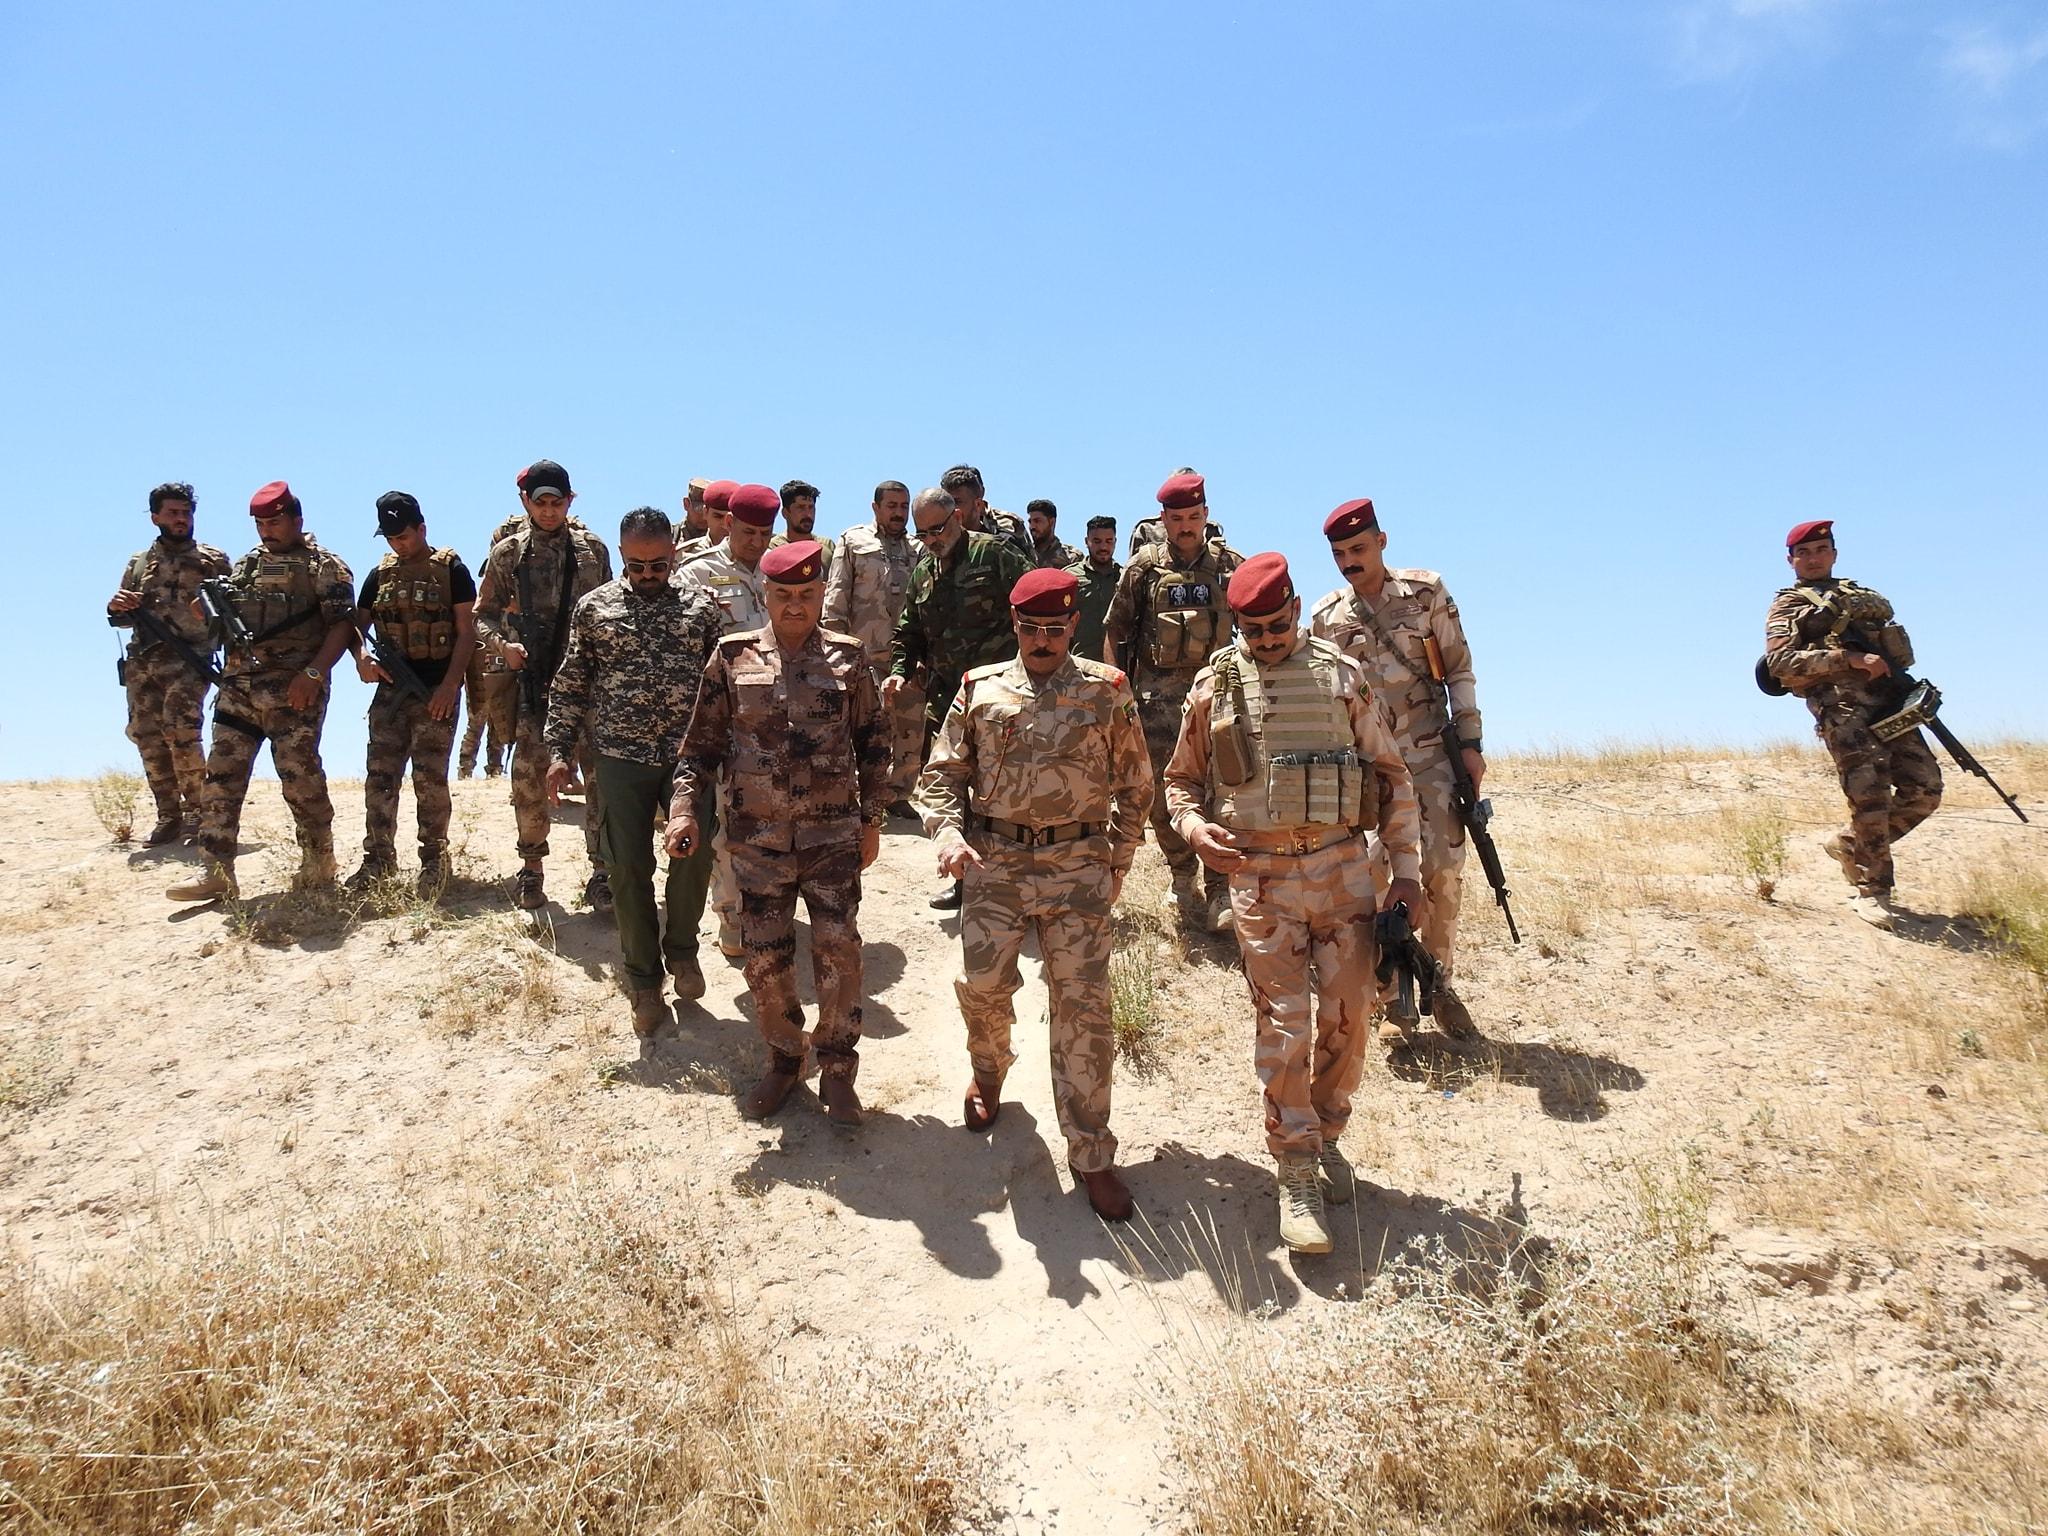 بالصور.. الزوبعي يتفقد قطعات الحشد وشرطة الطوارئ في عين الفرس وبحيرة الثرثار